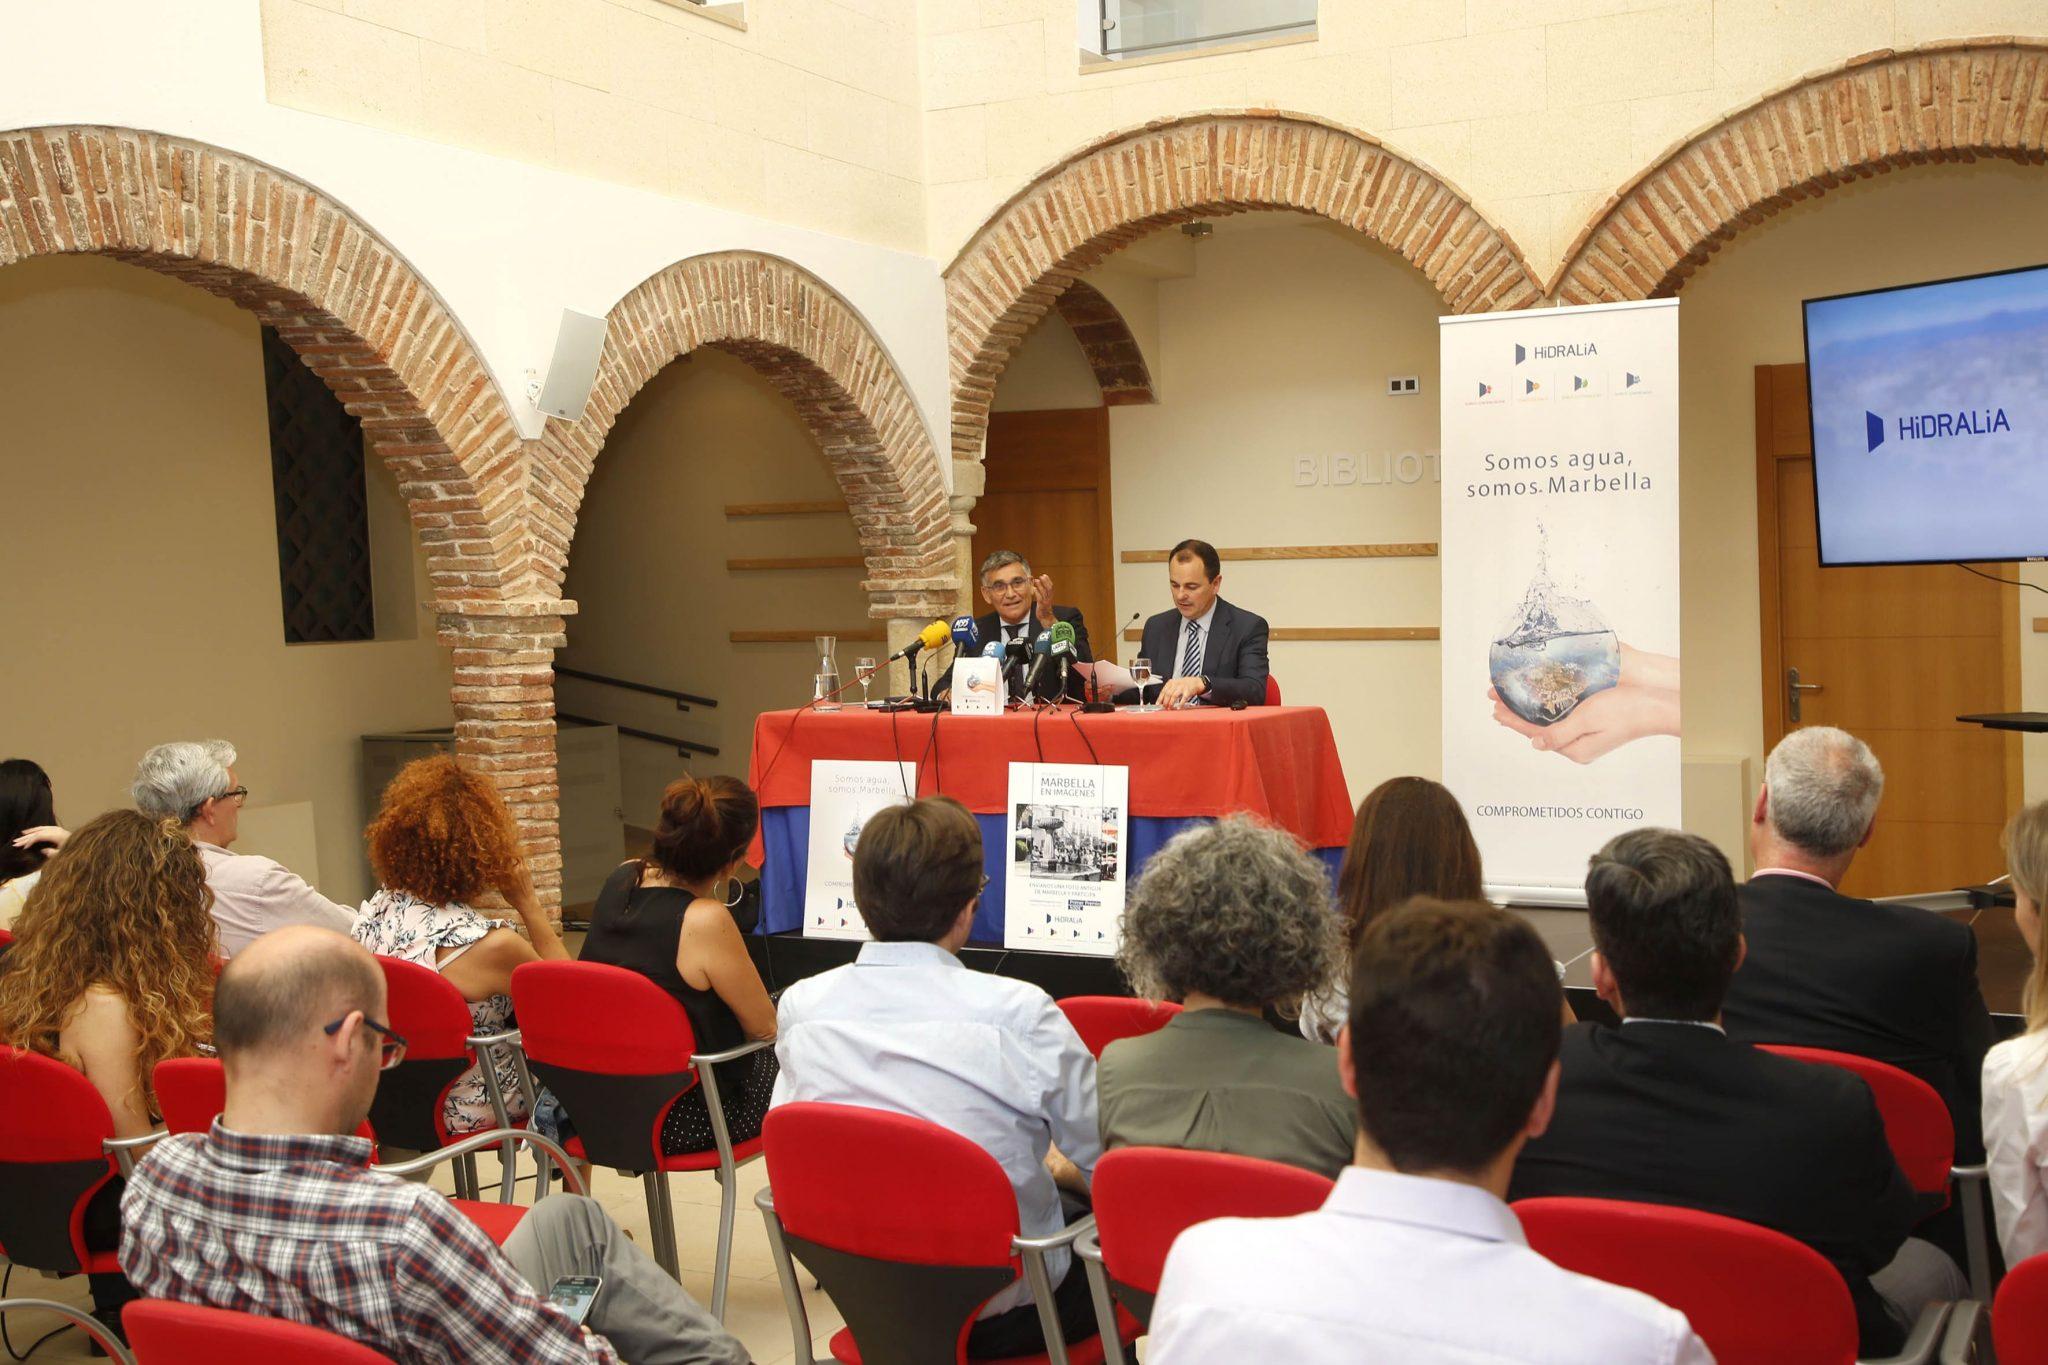 Hidralia y el Ayuntamiento presentan un Plan de Sostenibilidad para mejorar la calidad de vida de los ciudadanos